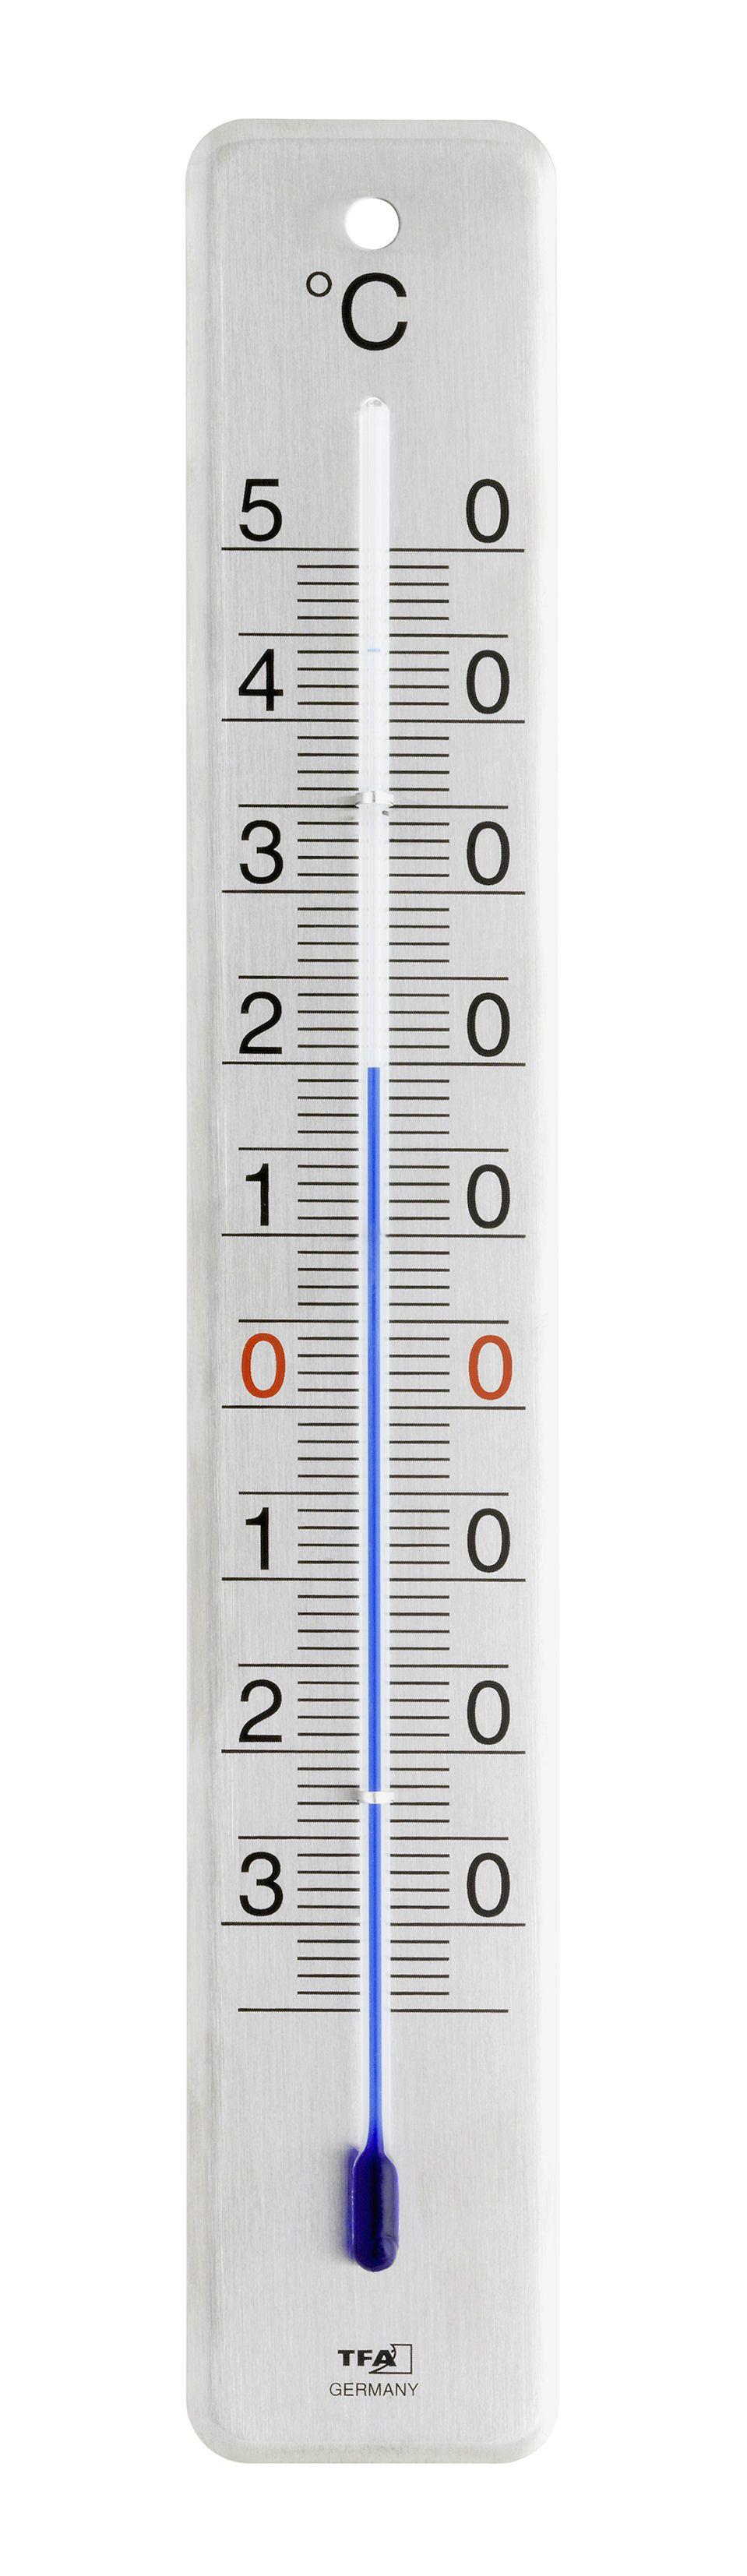 Nástěnný teploměr TFA 12.2046.61